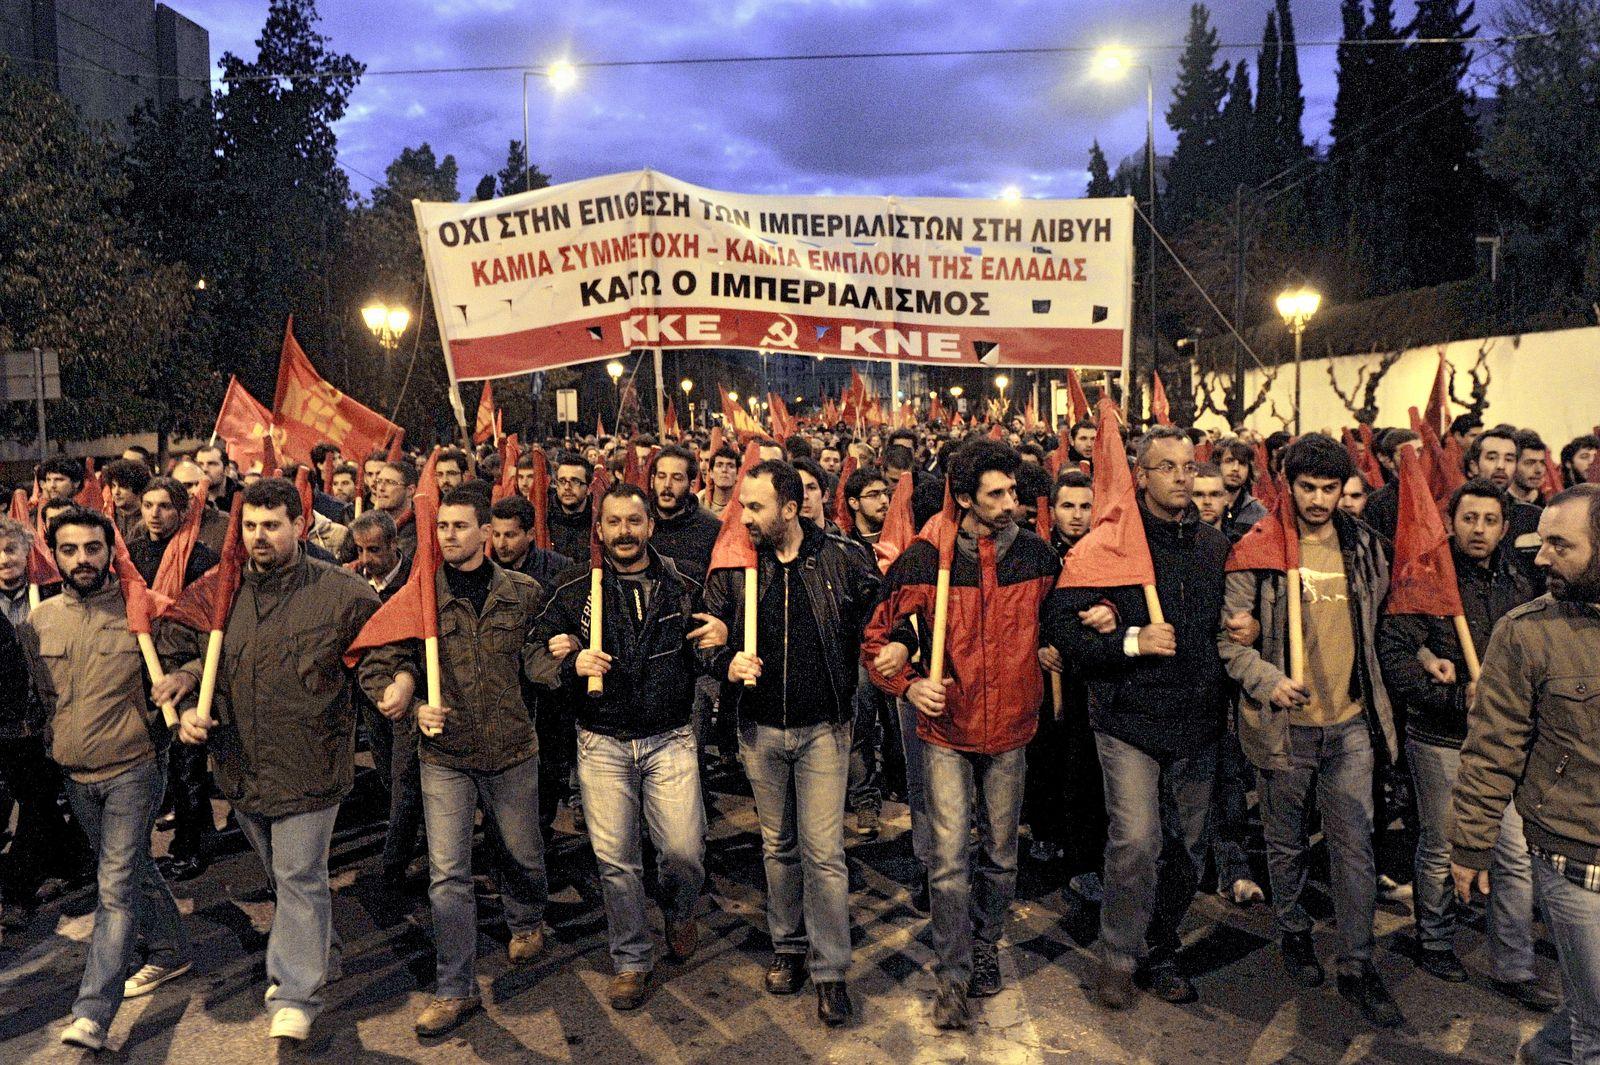 Libyen / Griechenland Demonstration